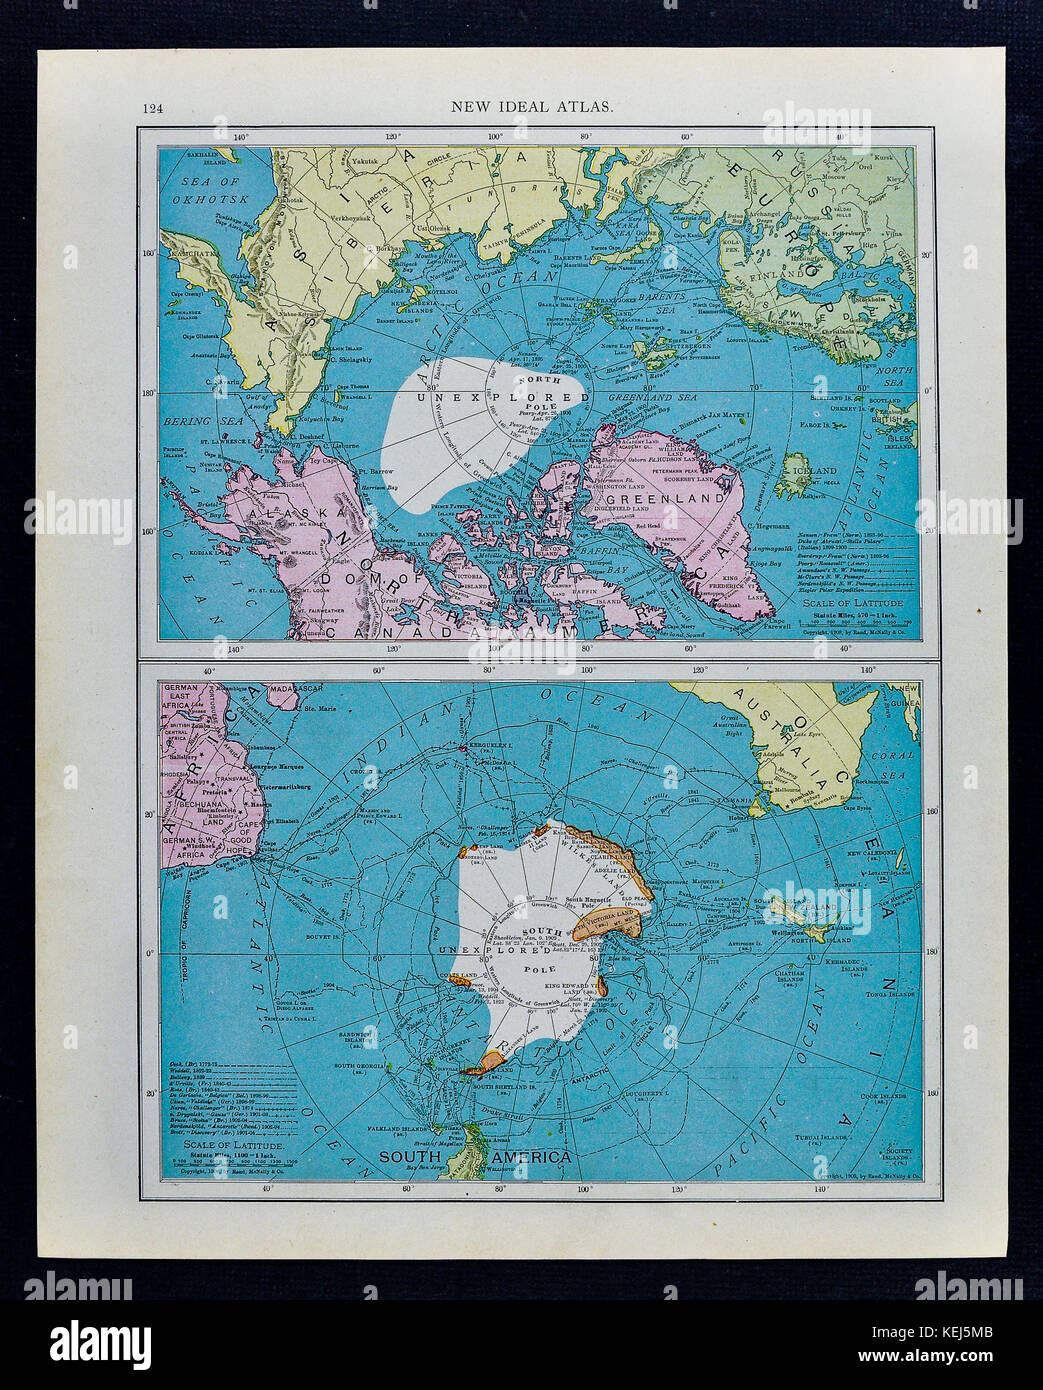 Mcnally carte antique 1911 - Pôle Sud Antarctique et l'océan arctique au pôle nord Photo Stock